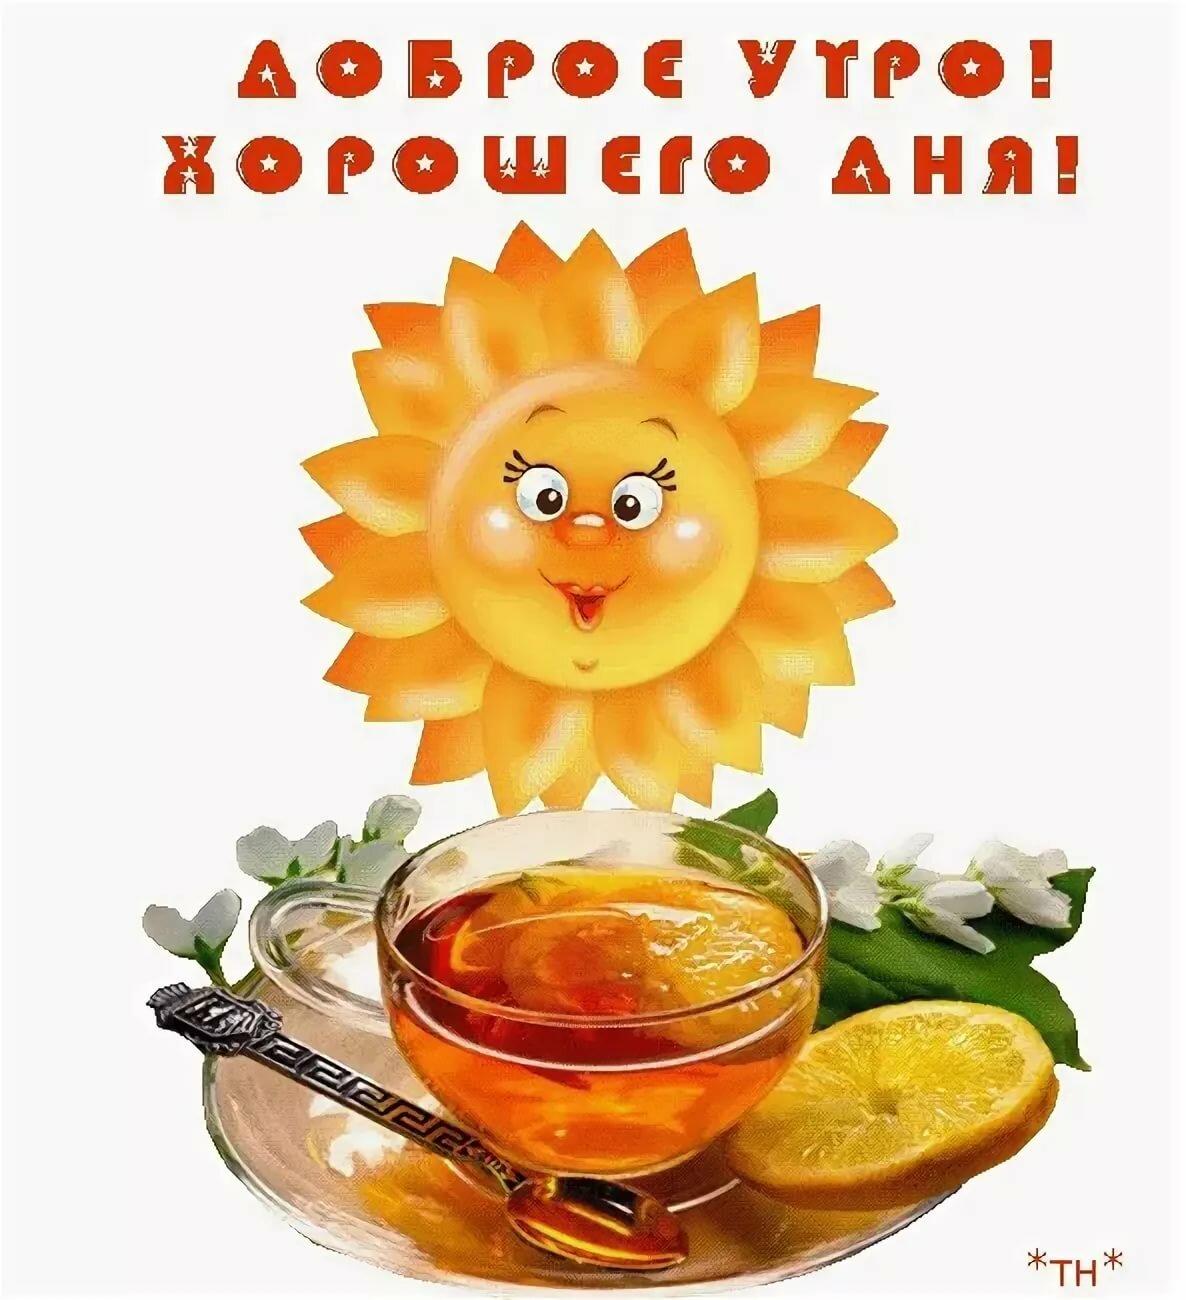 Диске сделать, доброго утра и прекрасного дня открытки с надписями прикольные